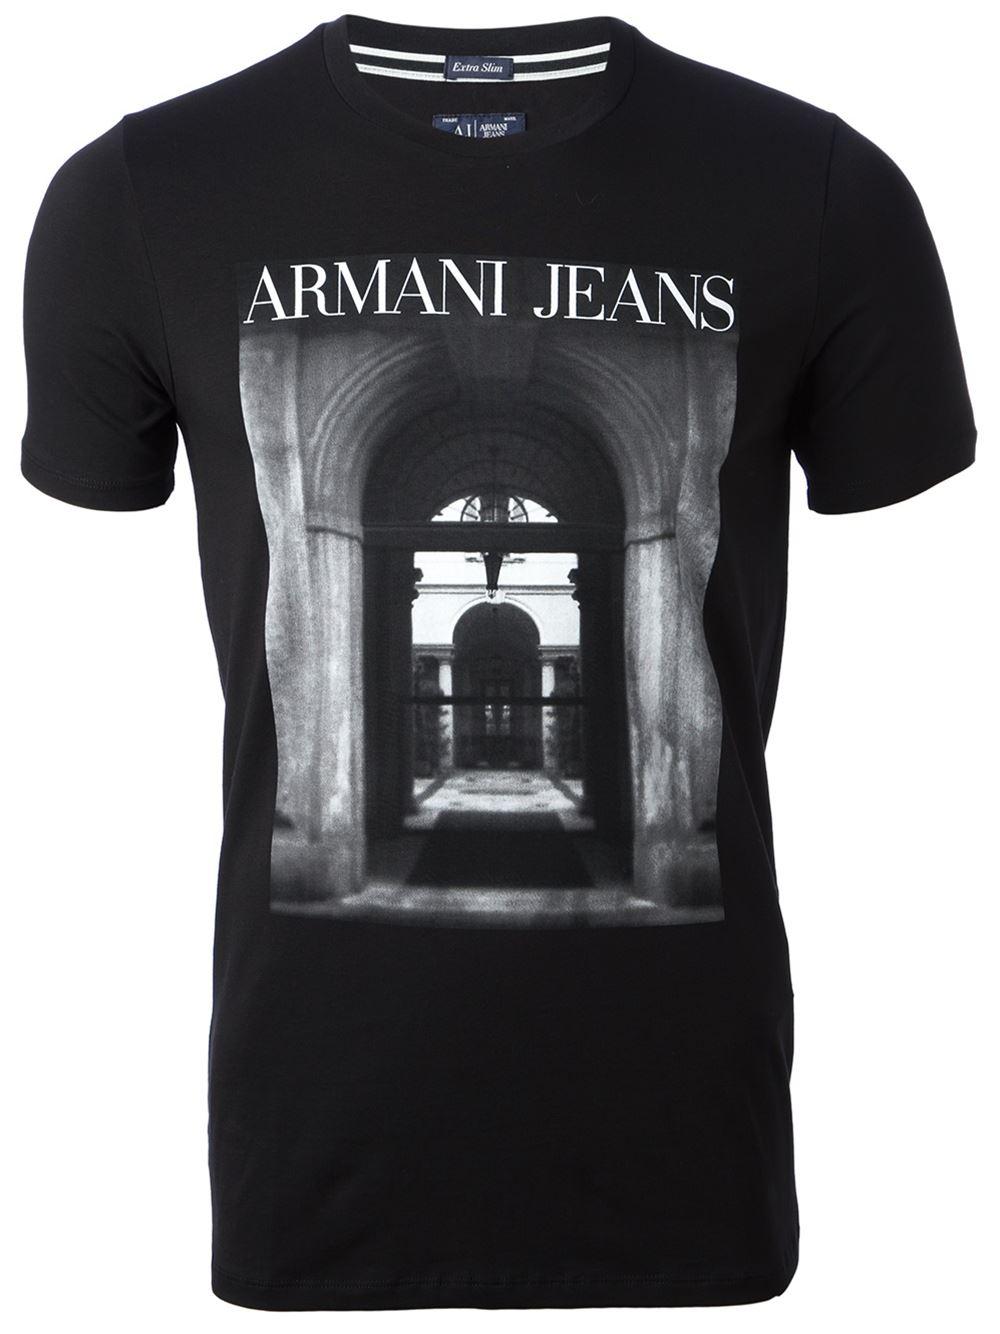 Armani jeans digital print t shirt in black for men lyst for Digital printed t shirts